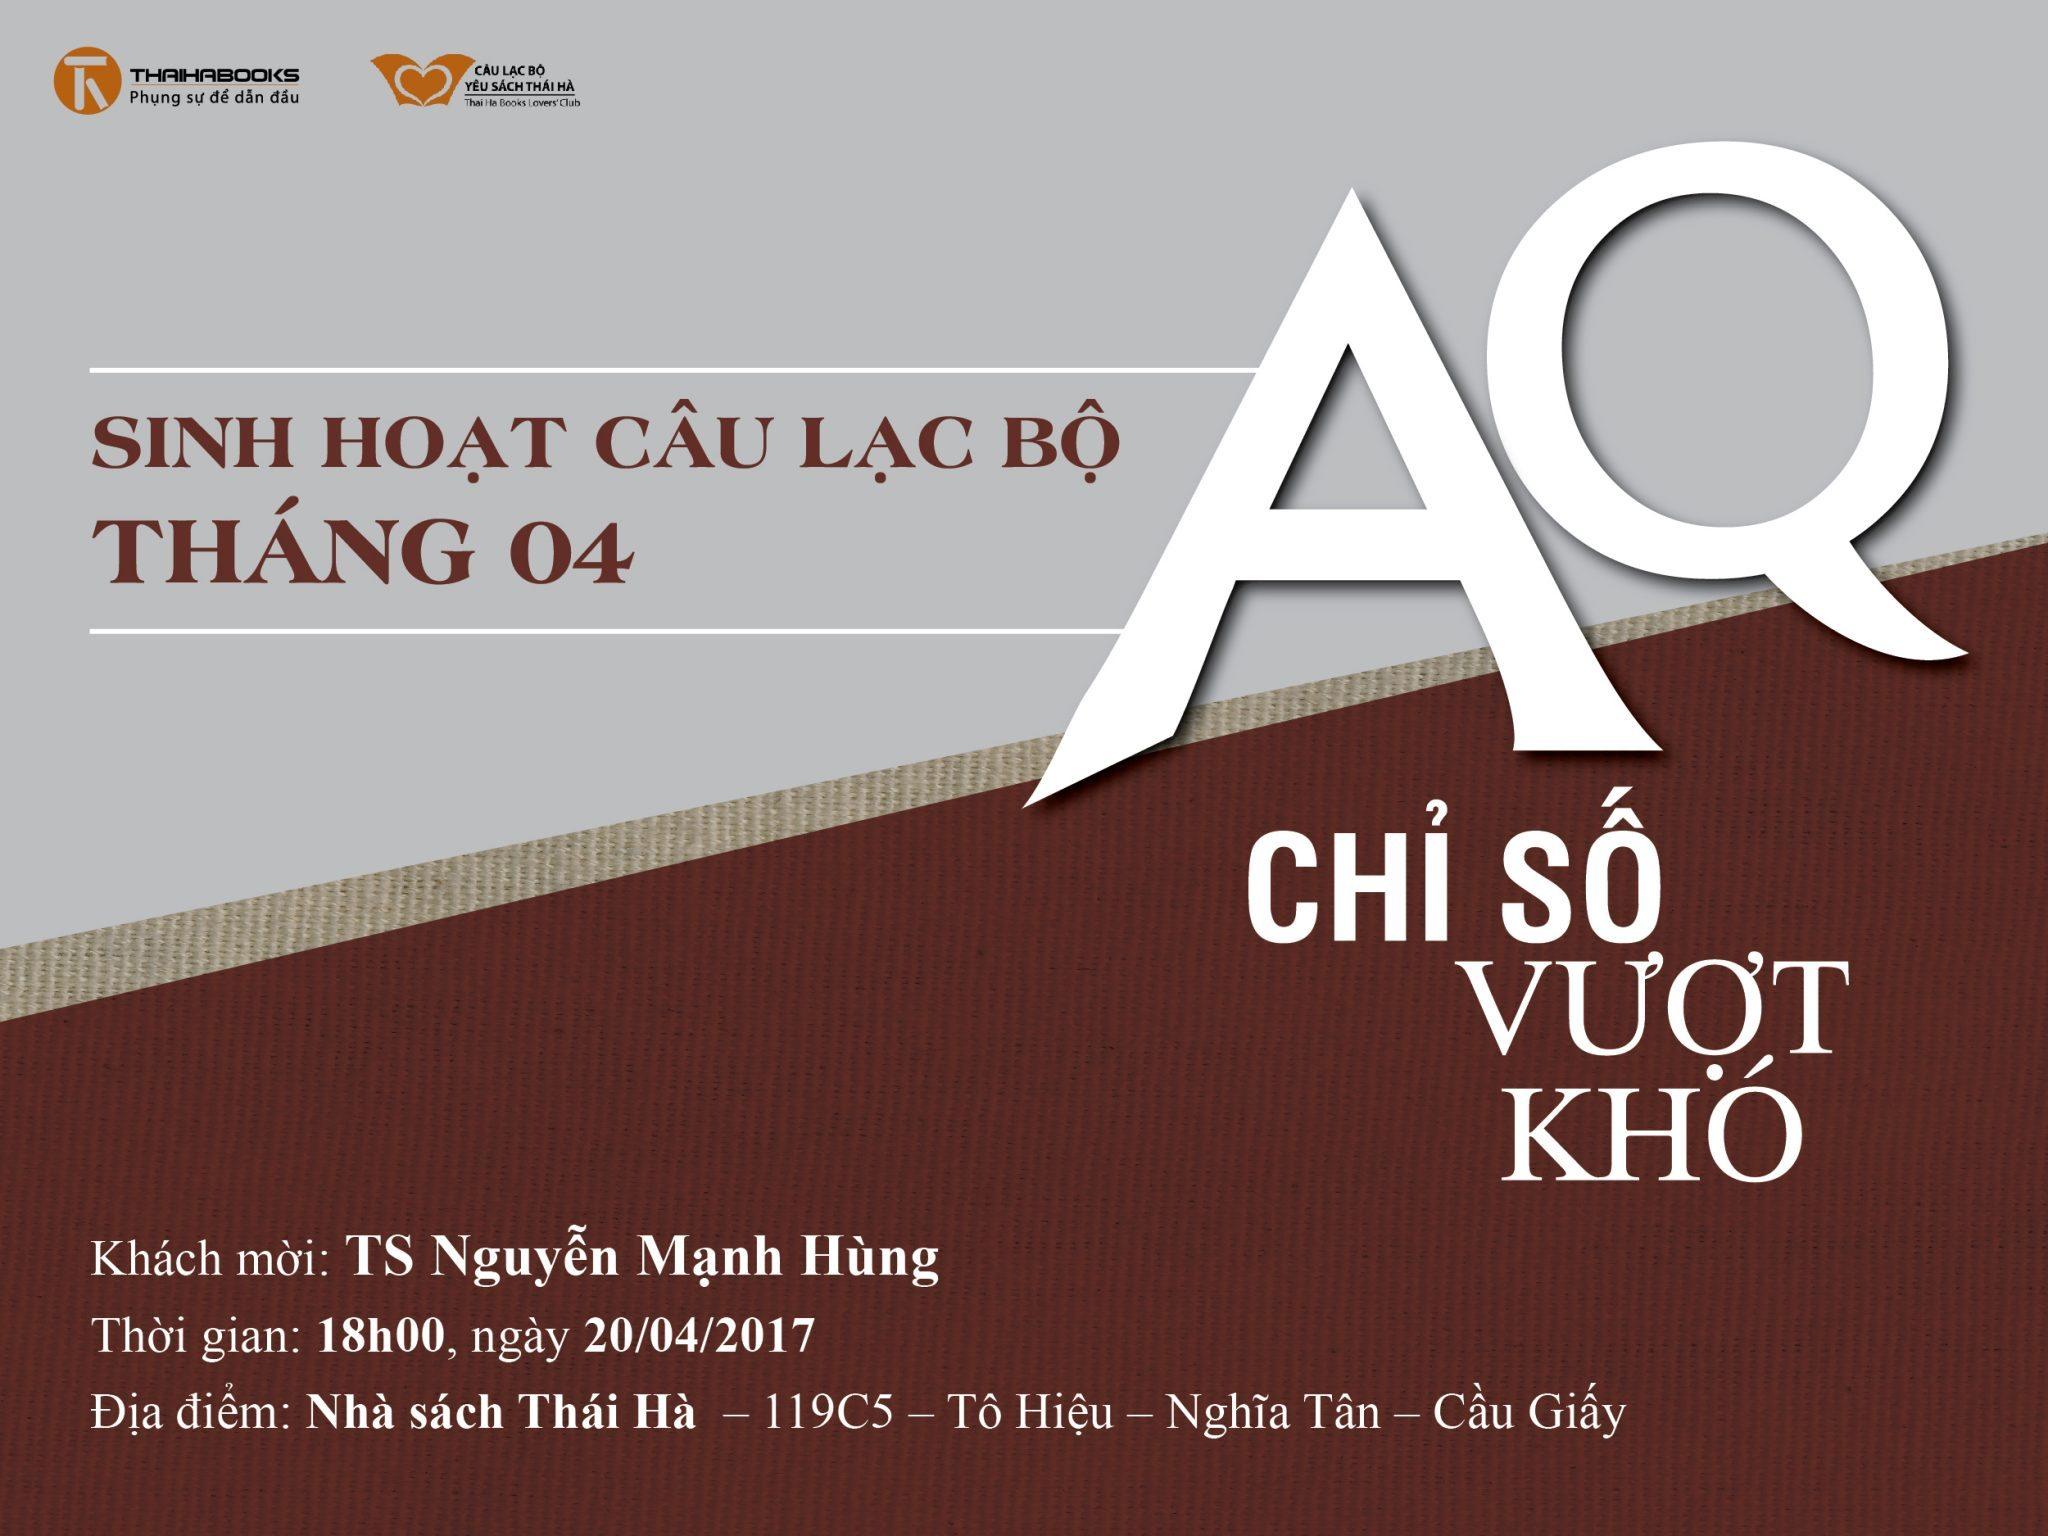 18h00, ngày 20/04 – Reading tour số 15 – Sinh hoạt CLB Yêu sách Thái Hà với chủ đề AQ CHỈ SỐ VƯỢT KHÓ